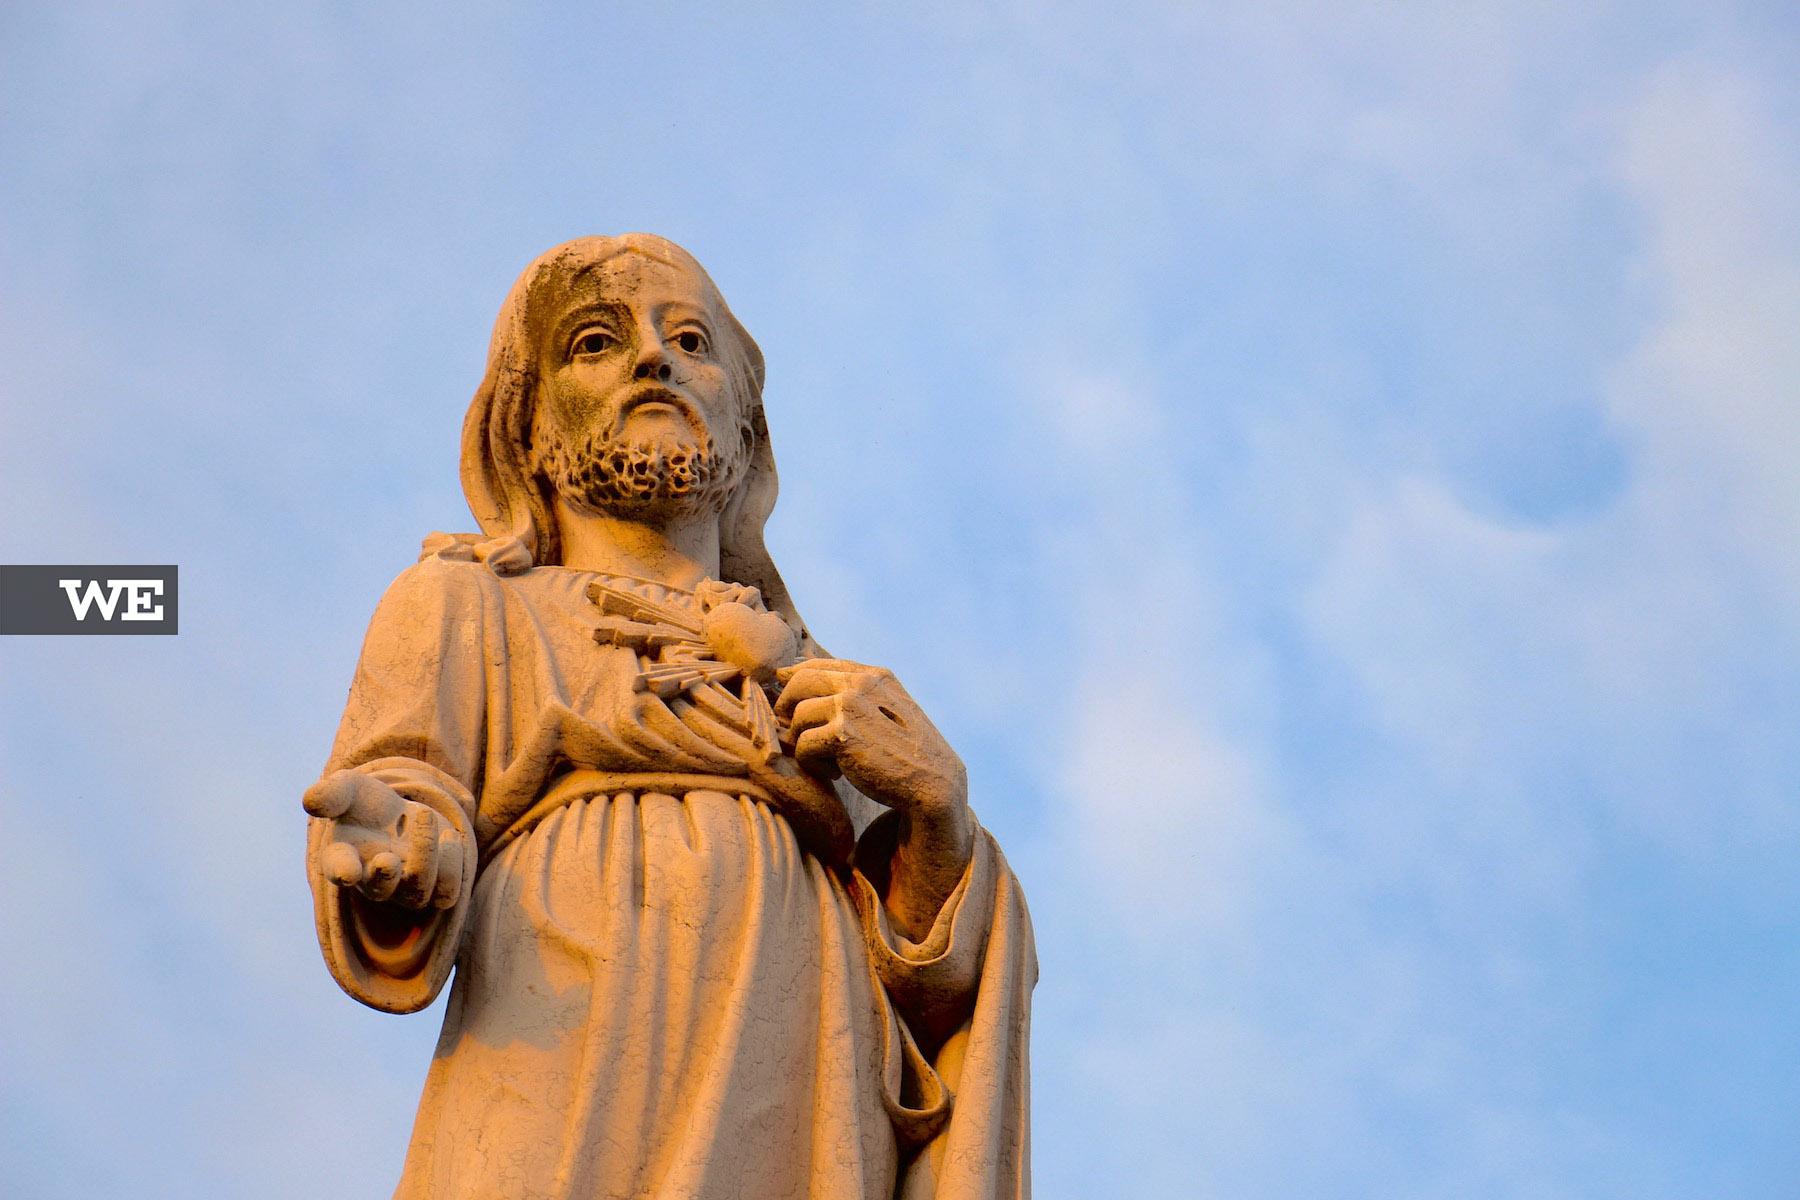 we-braga-miradouro-sagrado-coracao-jesus-9